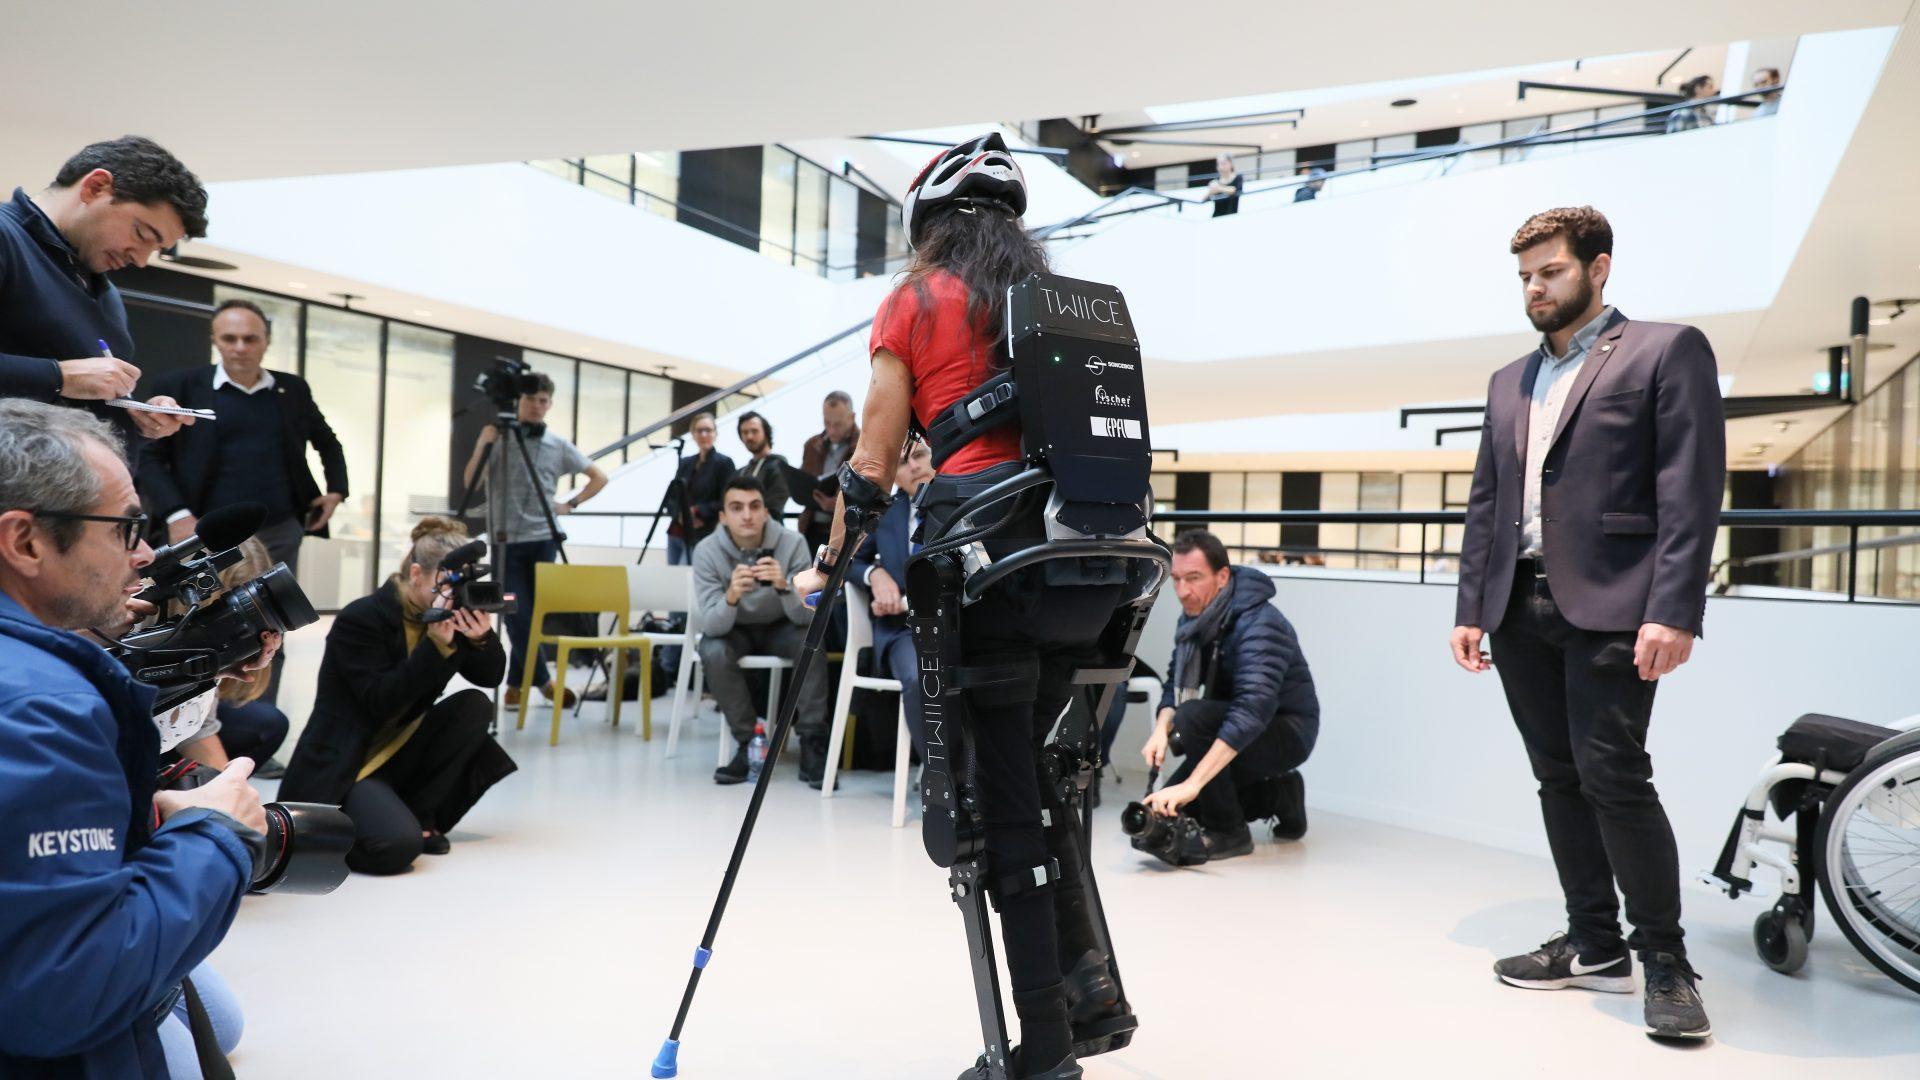 Au premier plan, Silke Pan teste le nouvel exosquelette TWIICE. Au second plan, plusieurs journalistes la filment.